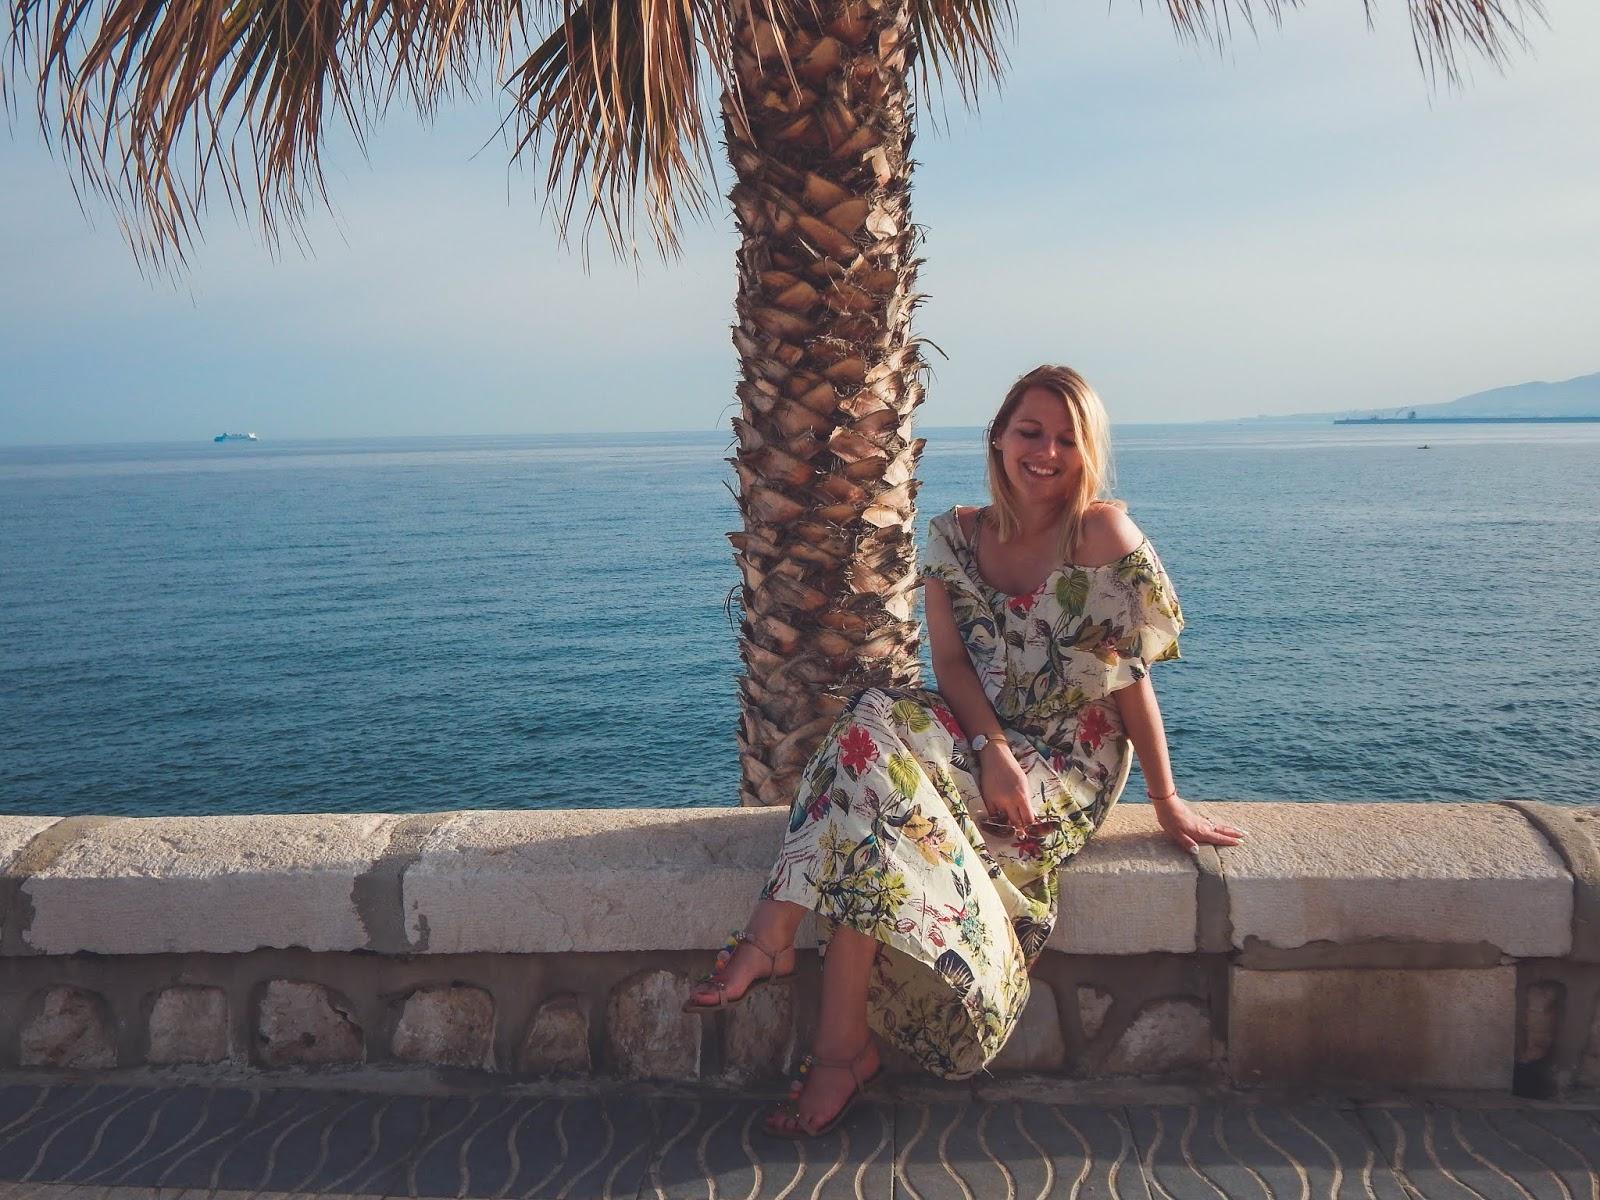 kaszmir sukienka maxi w palmy na wakacje malaga urlop wczasy co robić ładne miejsca sesja zdjęcia melody włosy krótkie blond ścinać fryzjer łódź melodylaniella blog fashion hairstyle krótkie włosy fryz